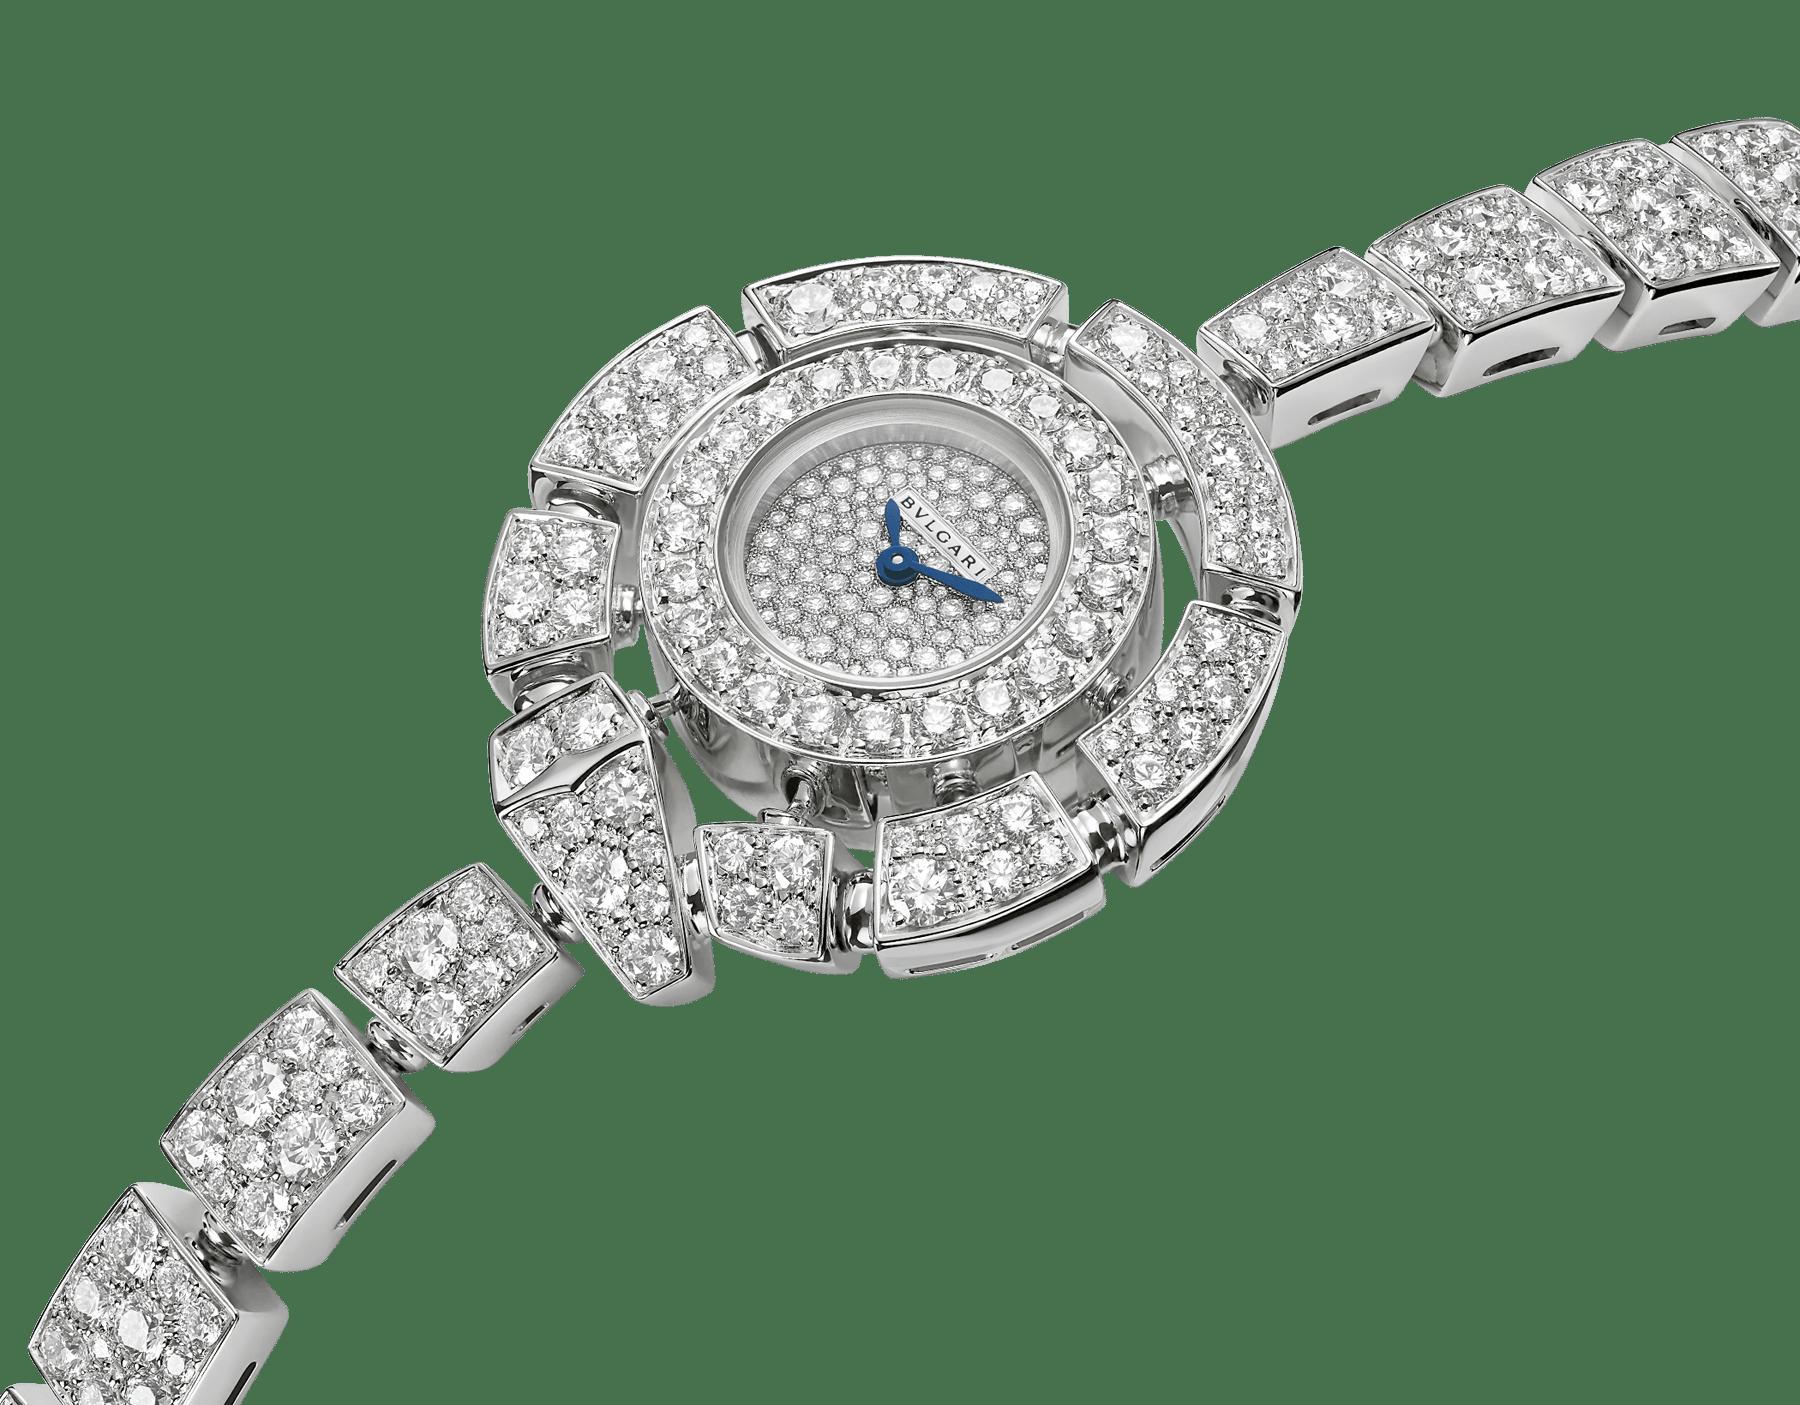 Orologio Serpenti Incantati con cassa e bracciale in oro bianco 18 kt con diamanti taglio brillante e quadrante con pavé di diamanti incastonati a neve. 102535 image 2